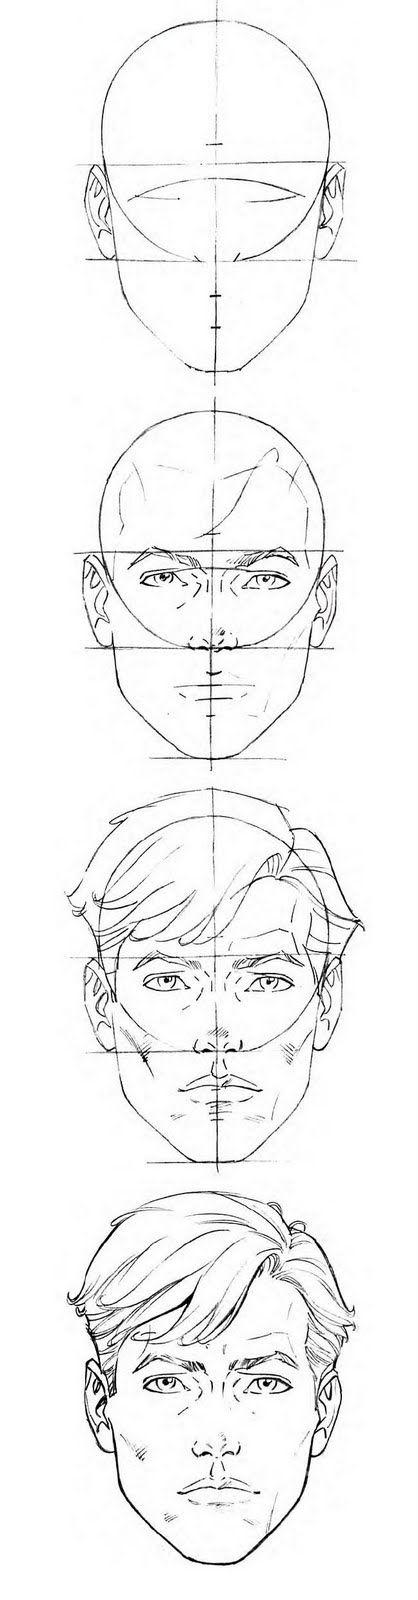 http://1.bp.blogspot.com/_icH-SDlBde0/S-2VhL8NlPI/AAAAAAAAAPU/e7b5xHumMJw/s1600/male+head.jpg